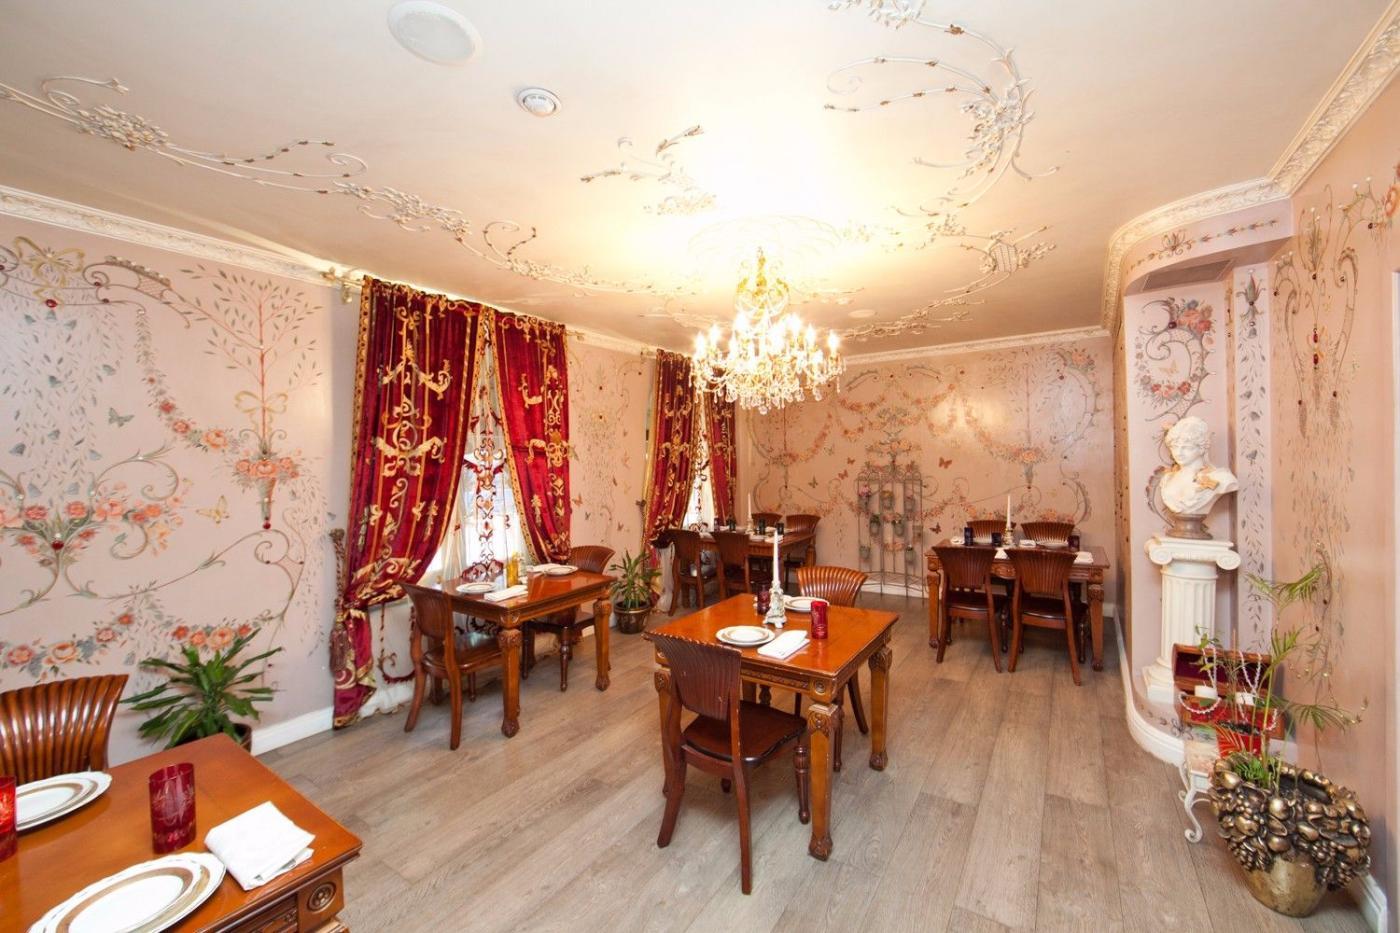 Грузинский Ресторан Готиназа (Gotinaza) фото 6